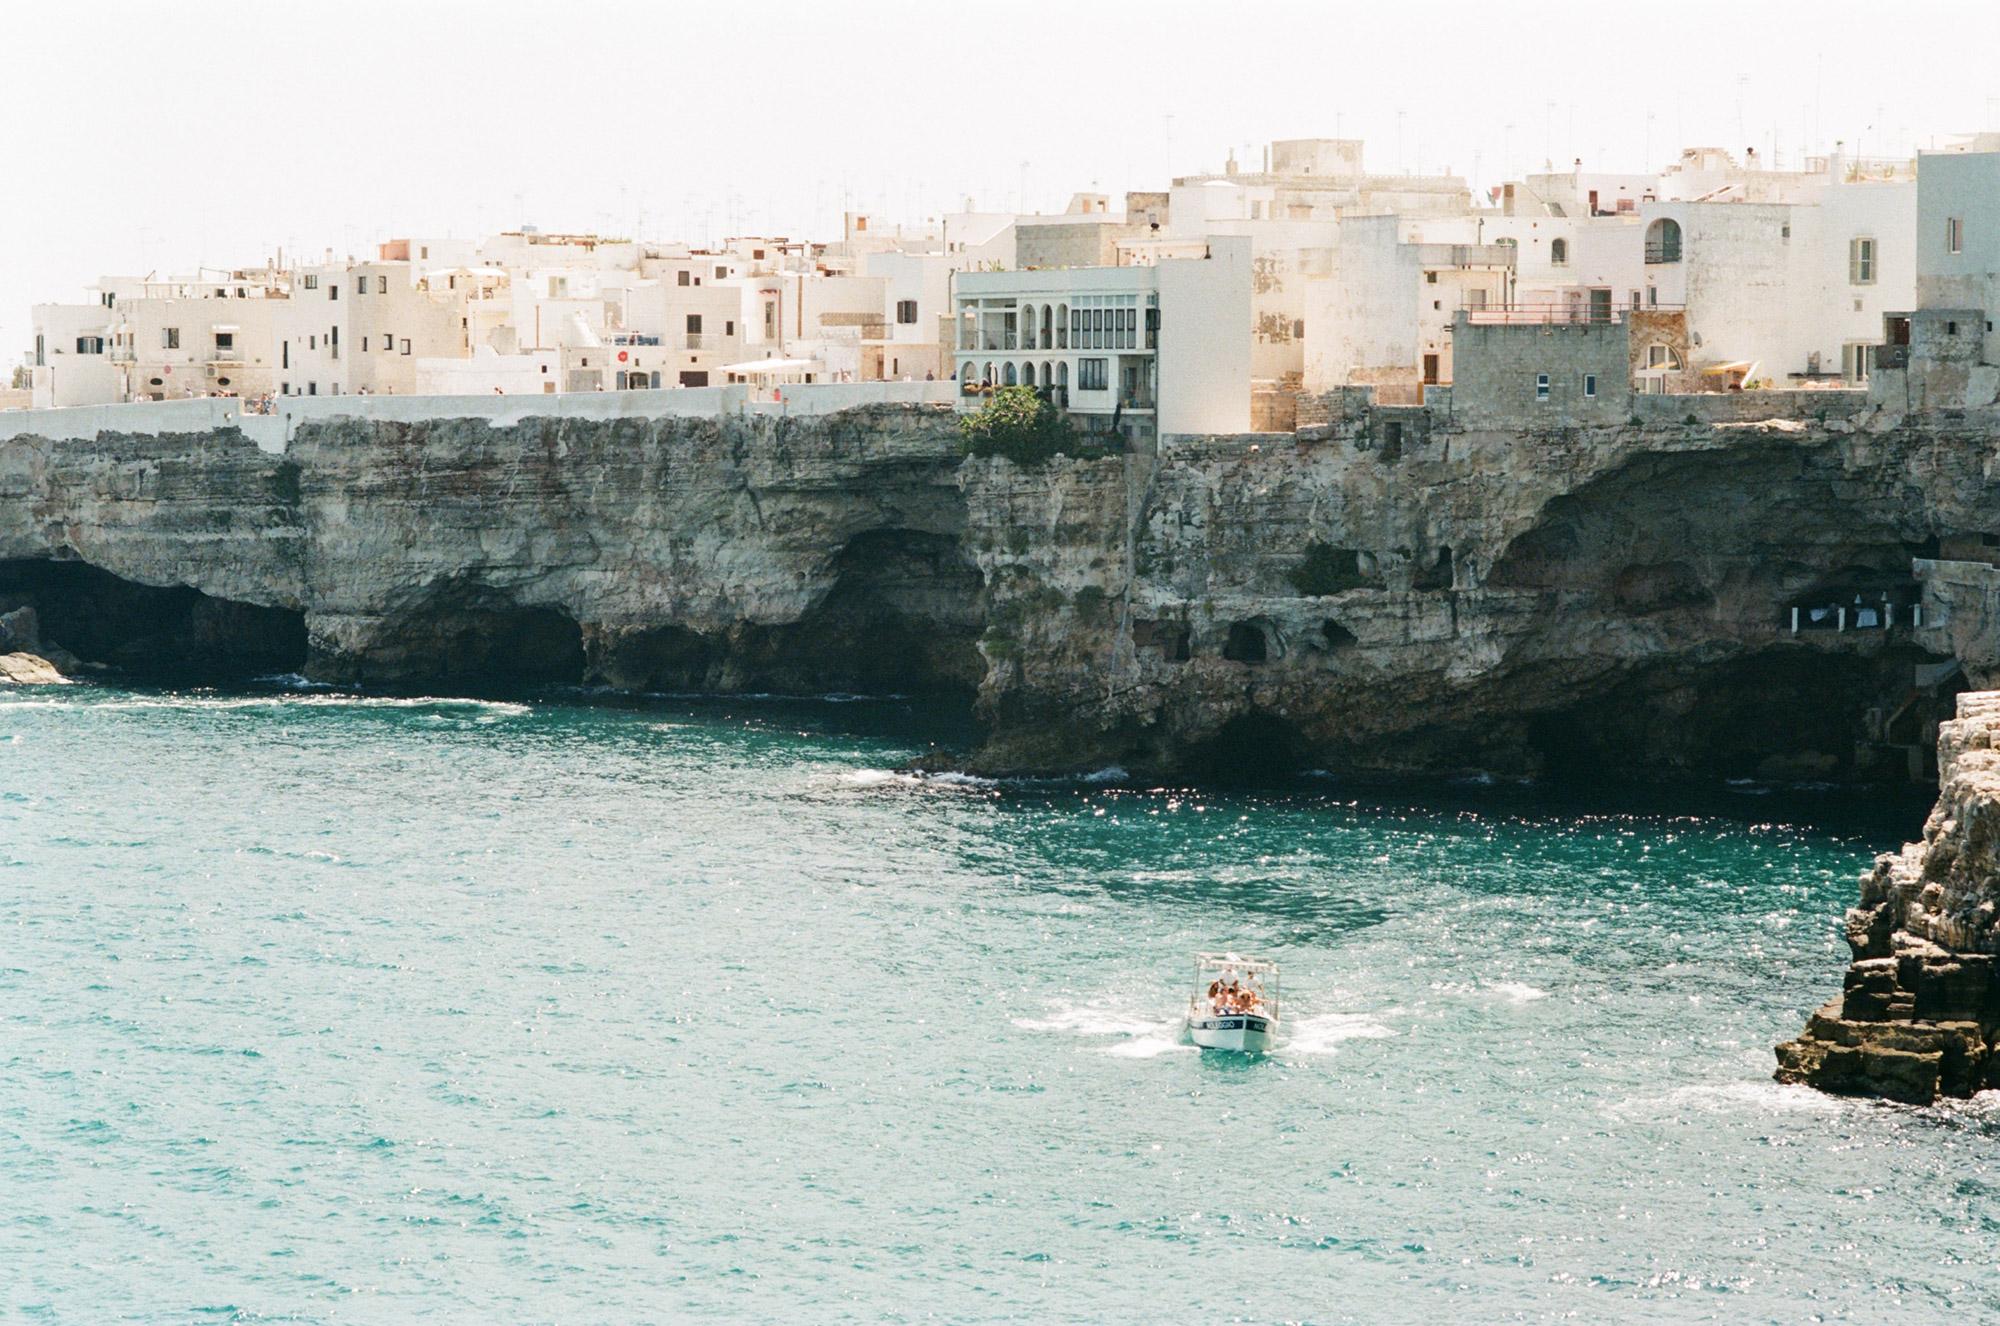 Rondreis Puglia - Polignano a Mare